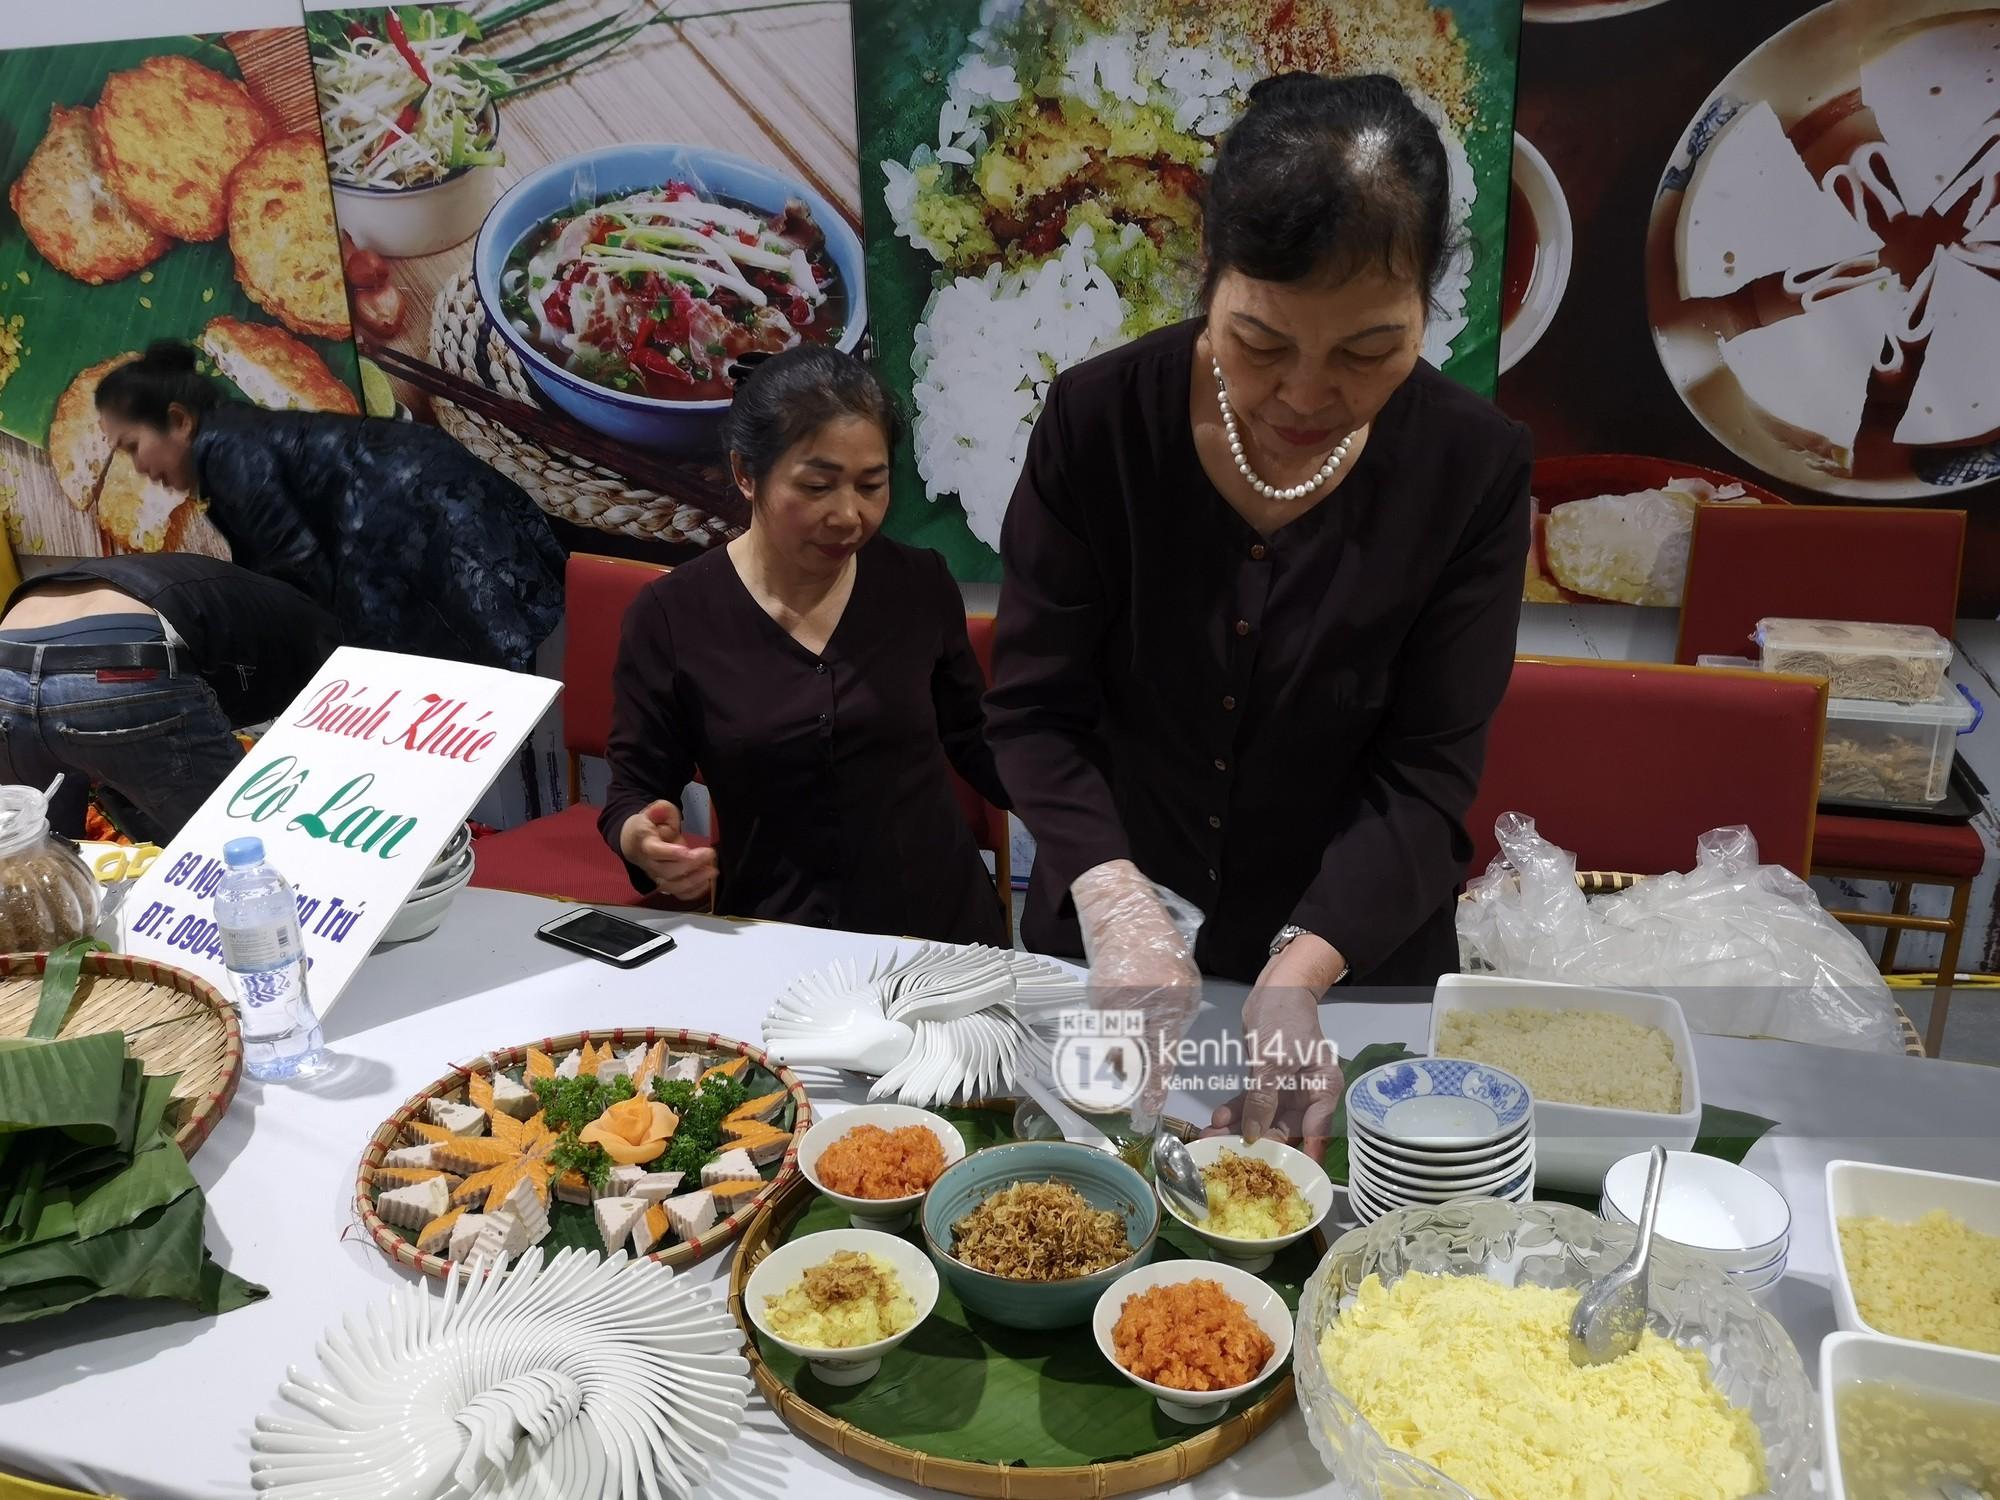 Phóng viên các nước hào hứng khi được thưởng thức ẩm thực nổi tiếng Hà thành tại trung tâm báo chí quốc tế hội nghị thượng đỉnh Mỹ - Triều - Ảnh 4.